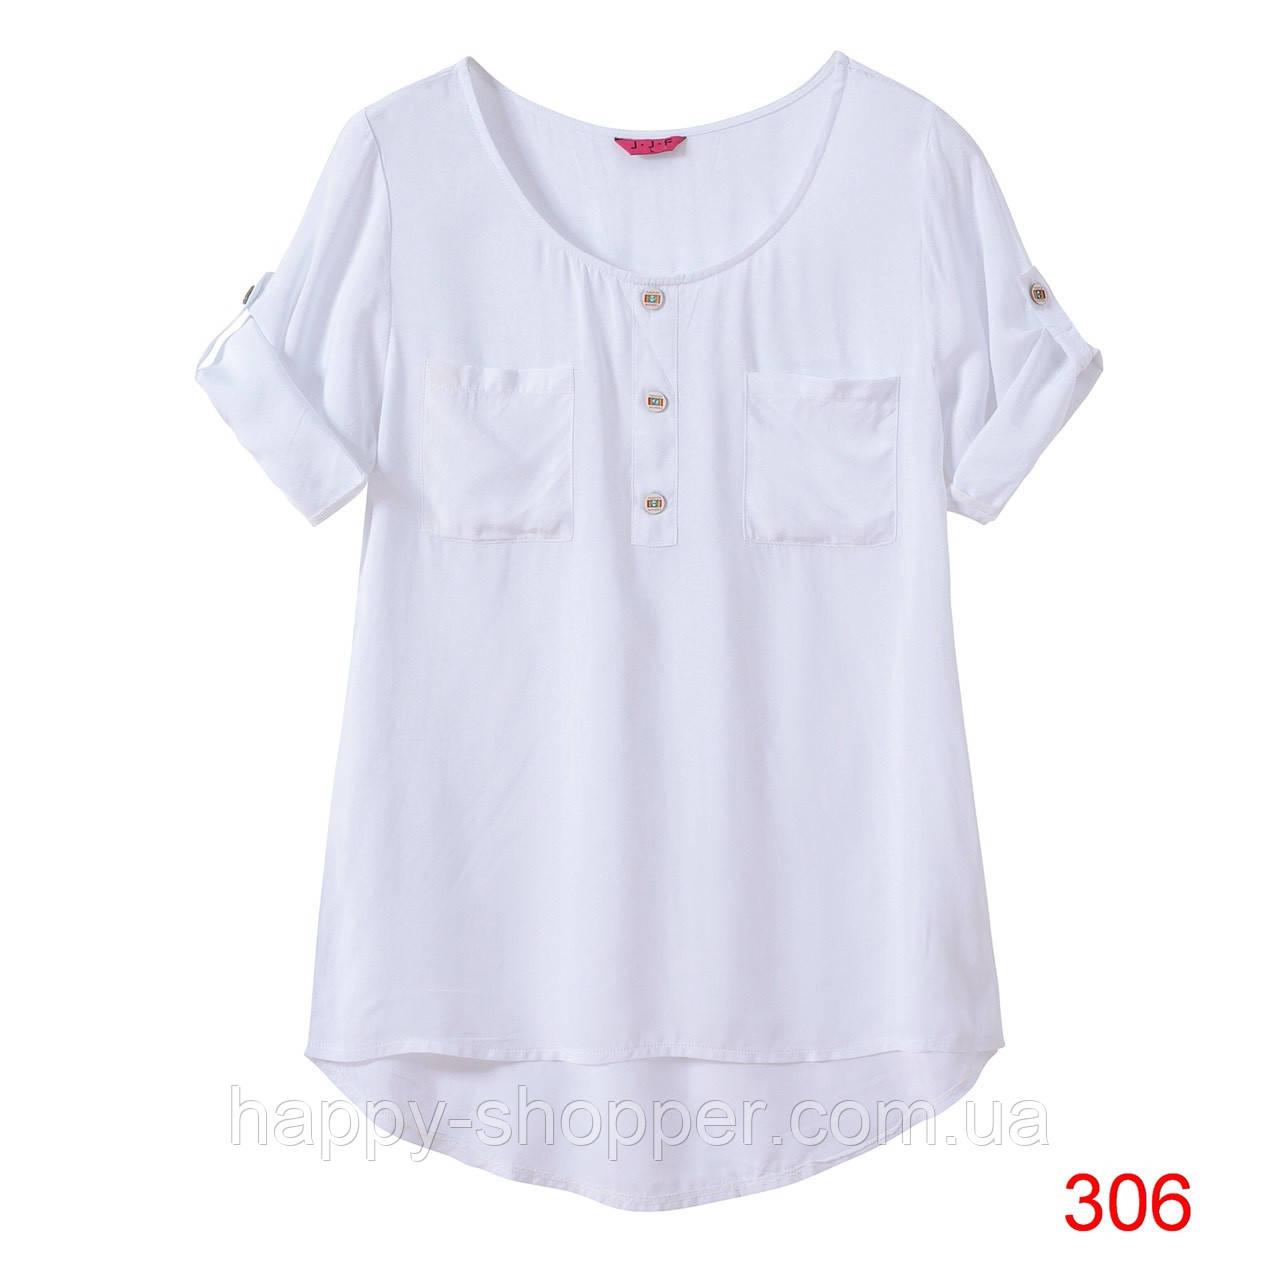 Блузка штапельная однотонная 306